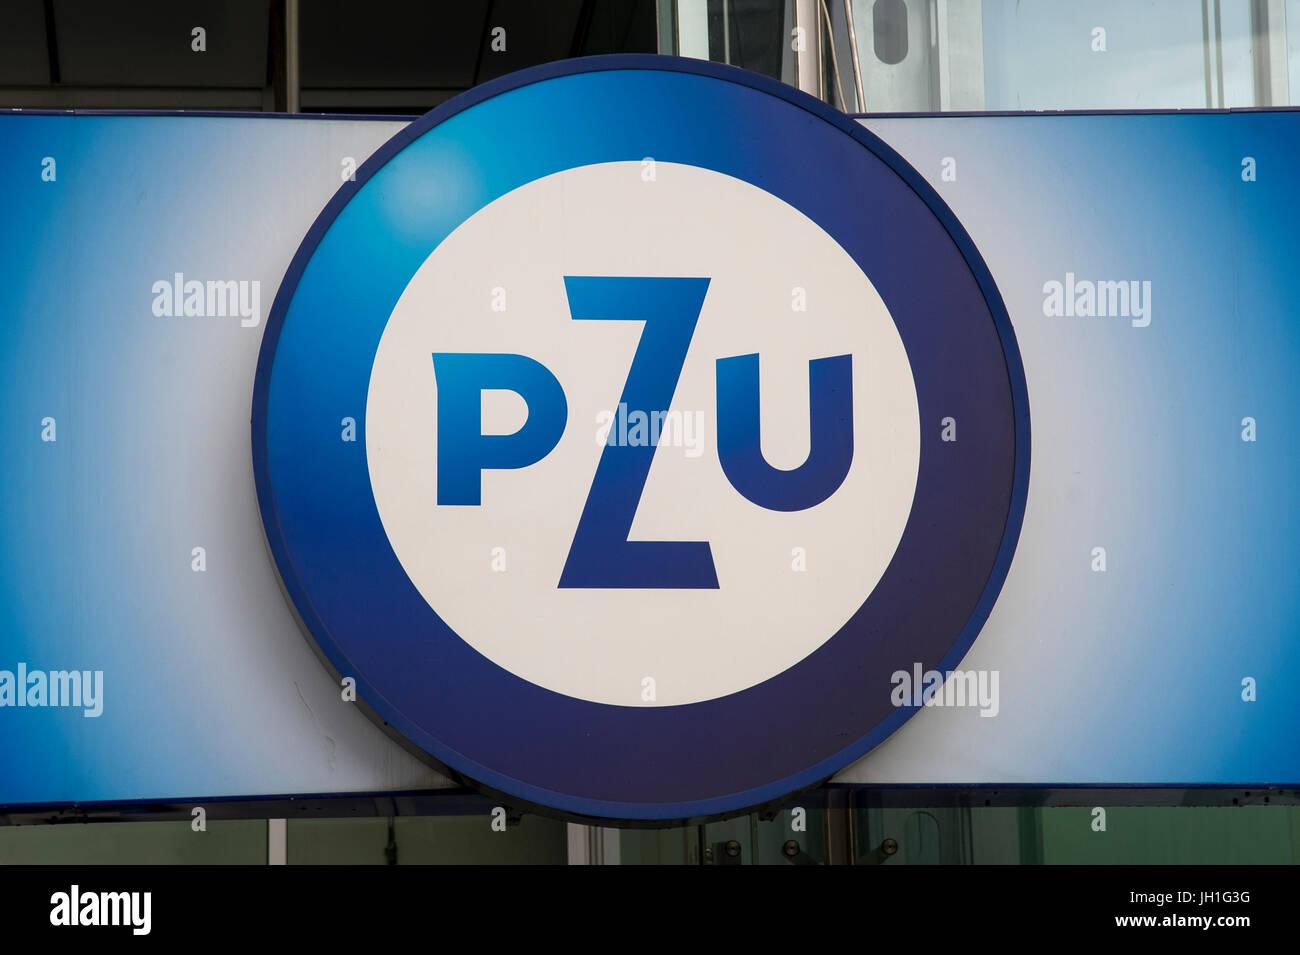 Powszechny Zakład Ubezpieczen PZU à Varsovie, Pologne. 6 avril 2017 © Wojciech Strozyk / Alamy Stock Photo Banque D'Images